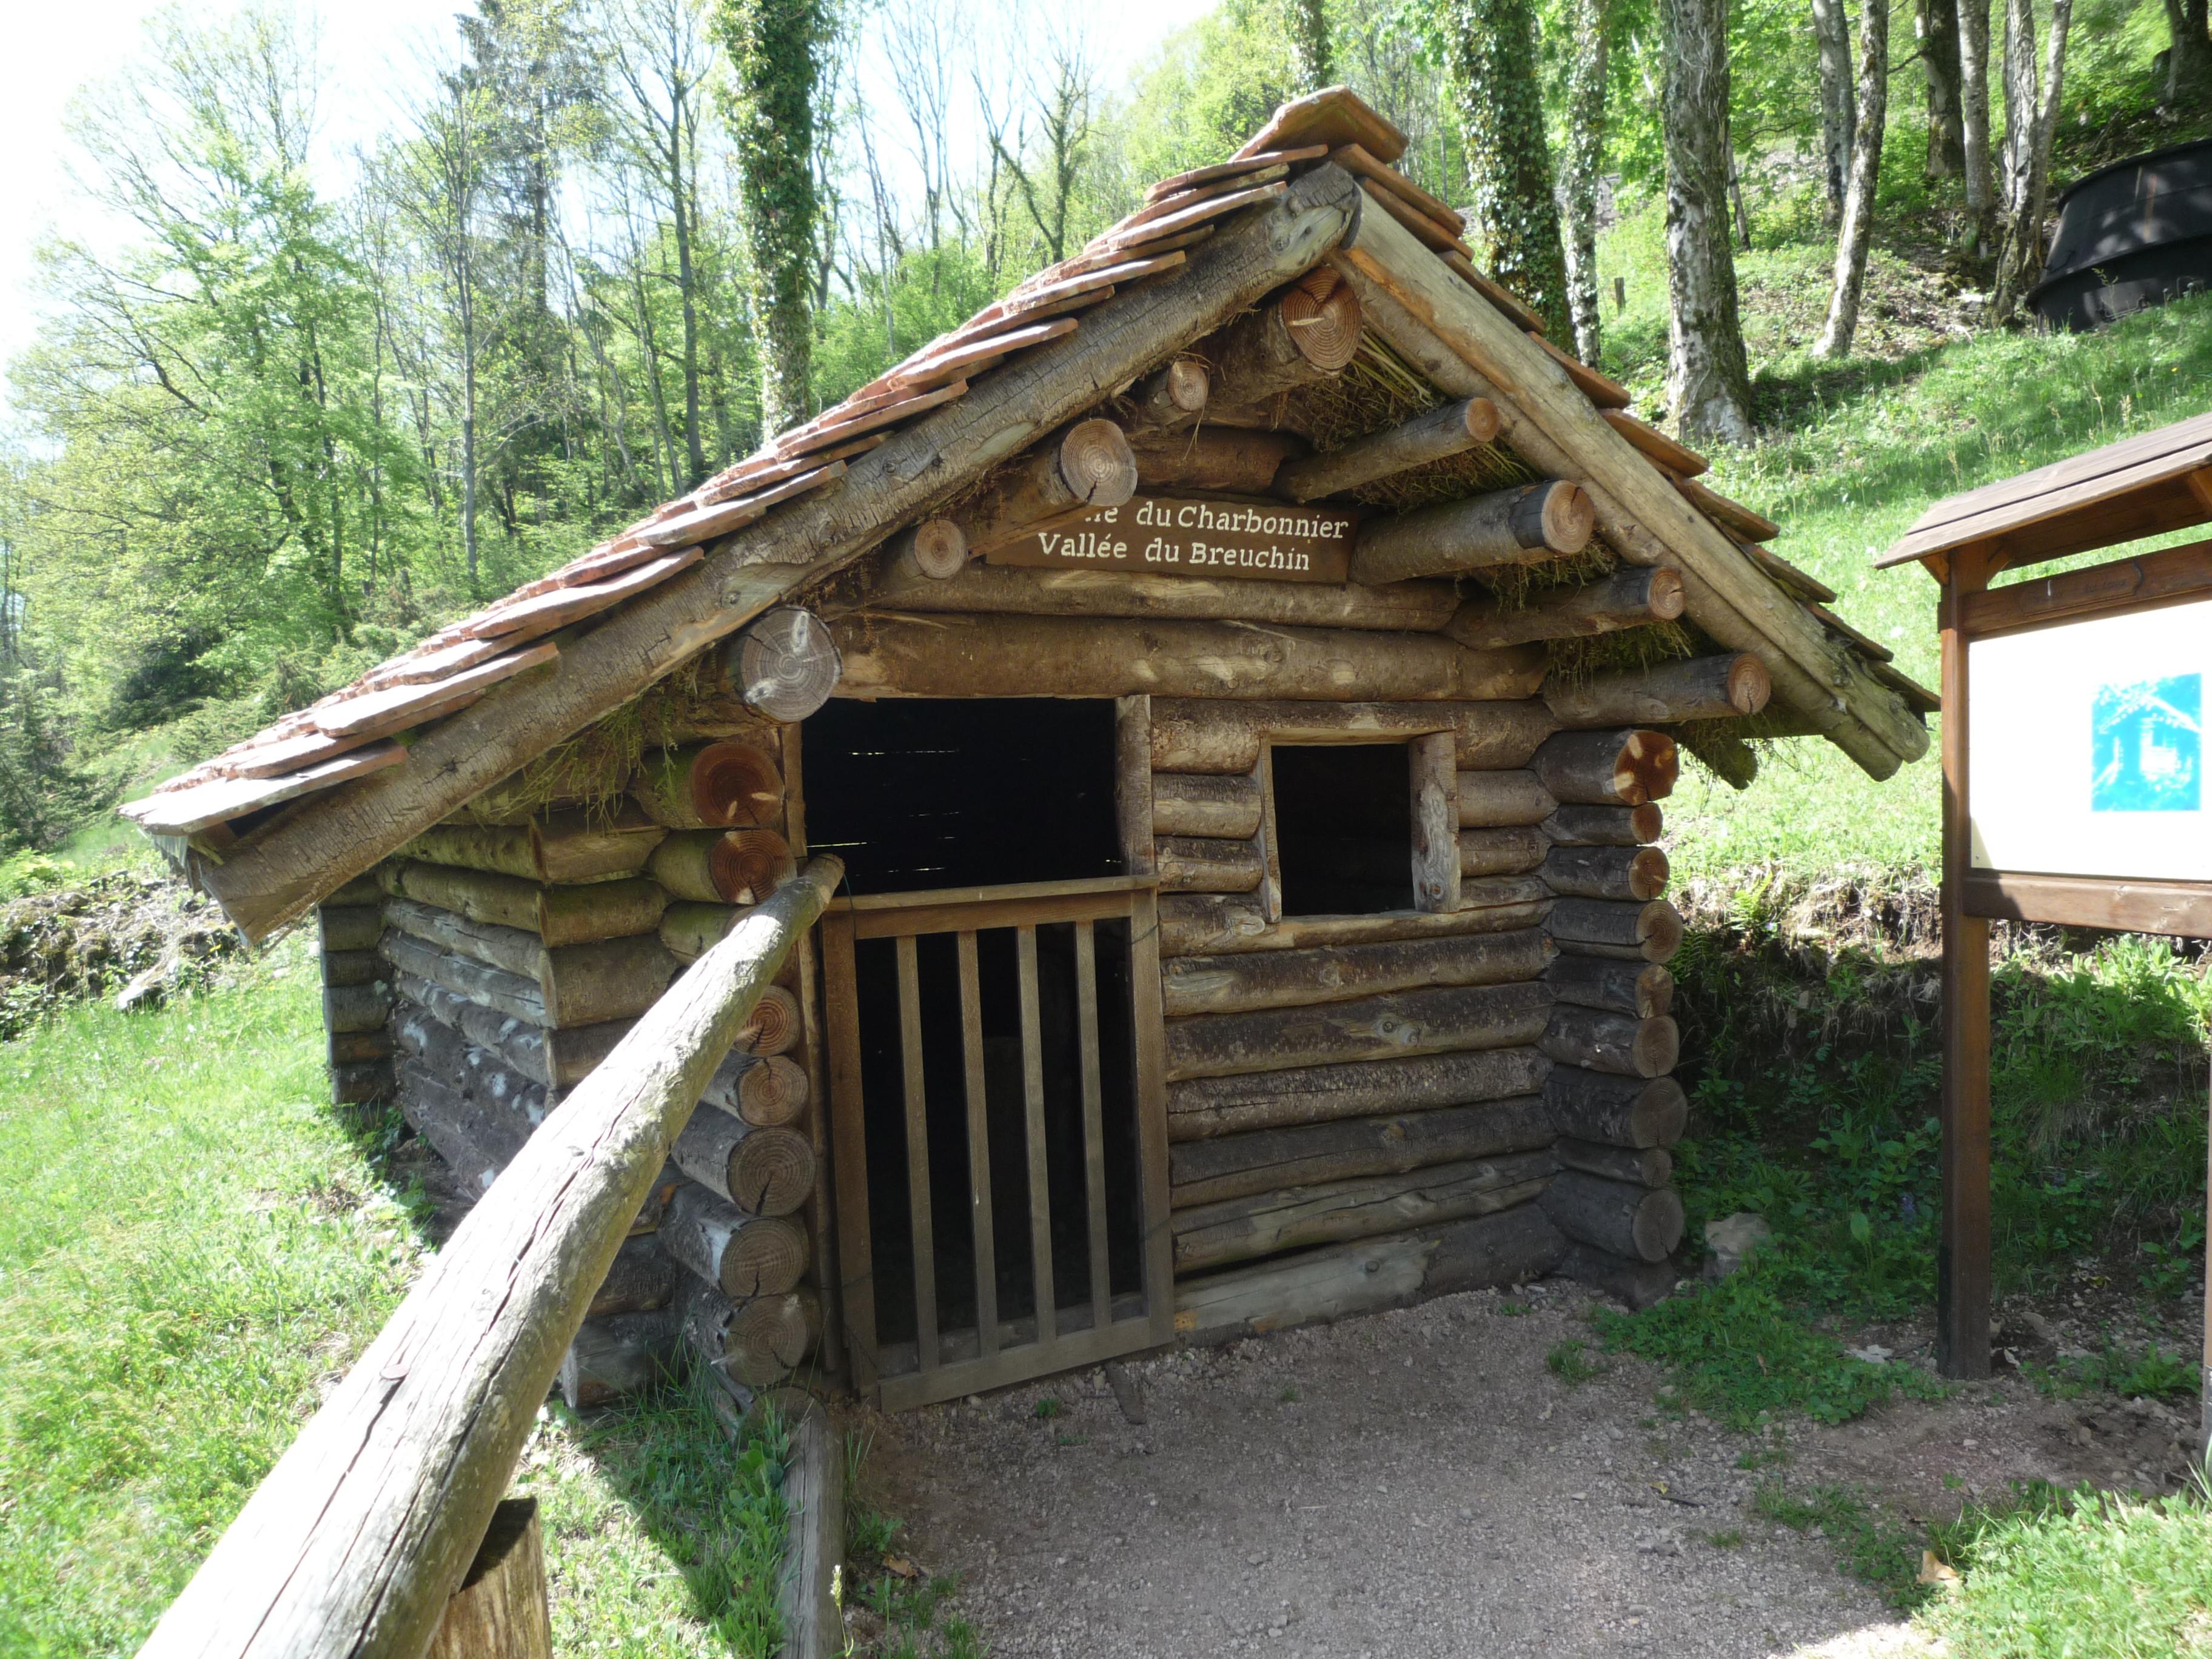 cabane oiseaux nichoir en bois forme maison avec perchoir 8x14x16cm. Black Bedroom Furniture Sets. Home Design Ideas